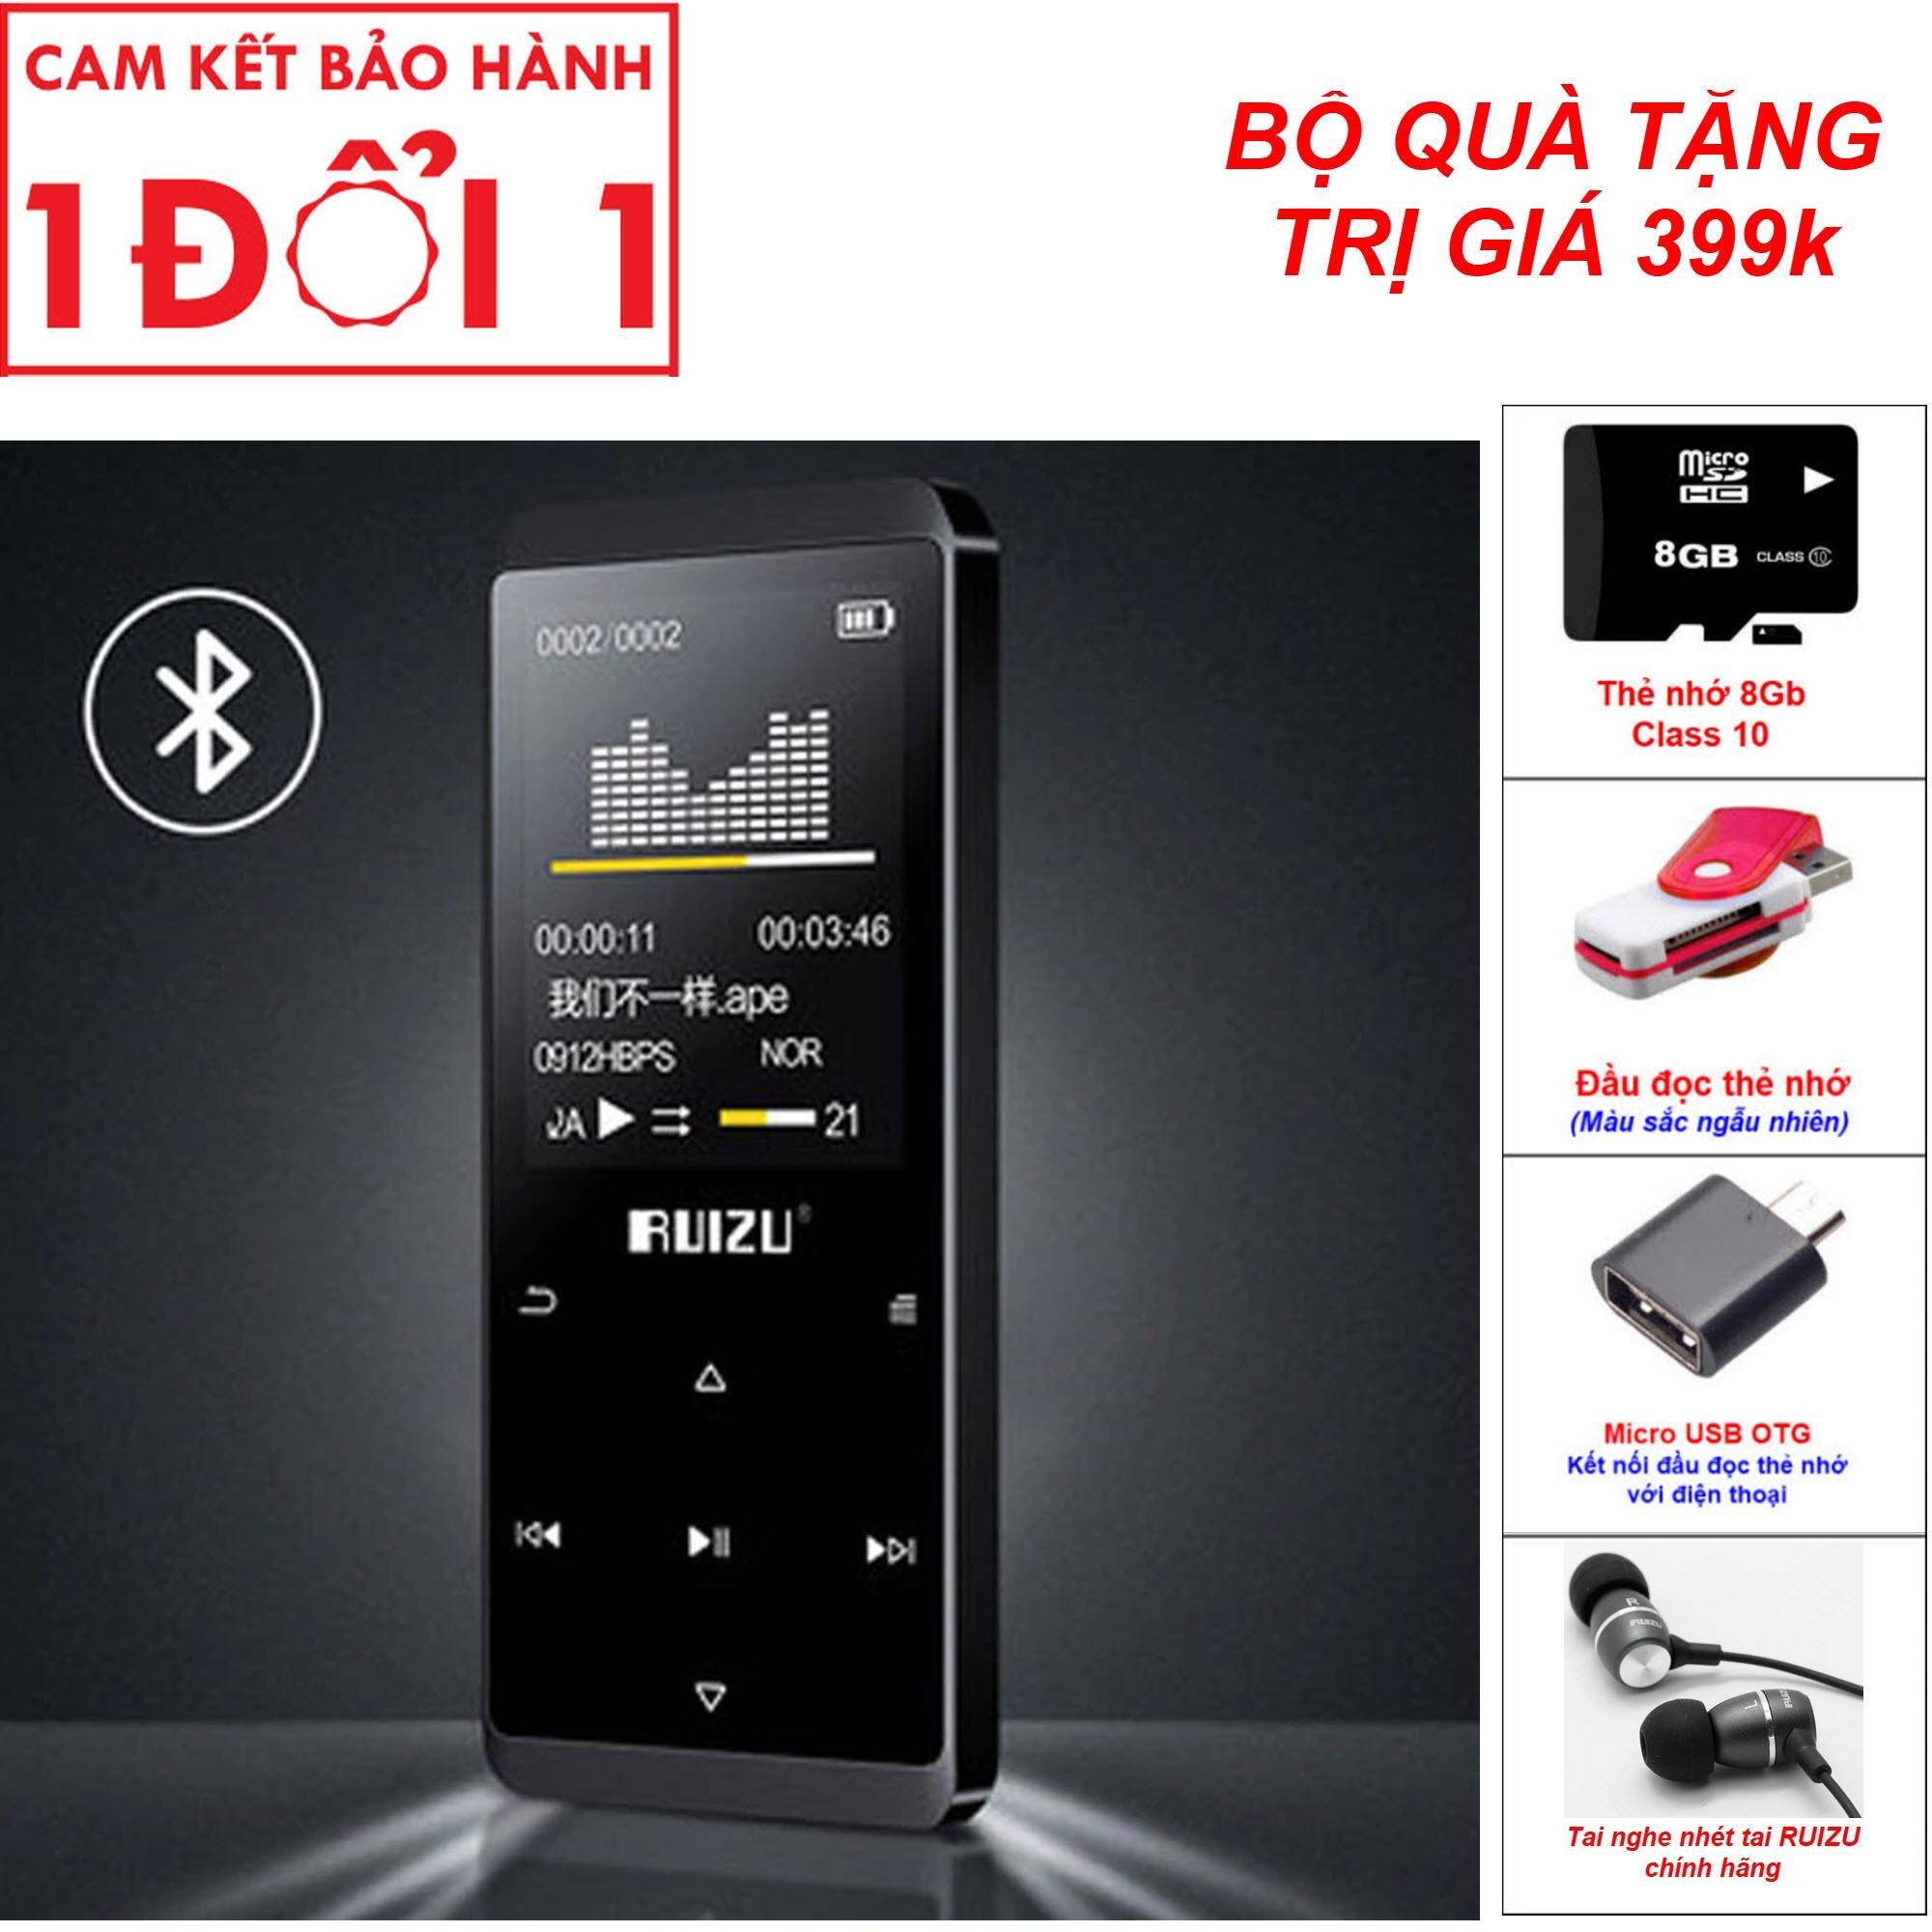 Quà Tặng Trị Giá 399K - Máy nghe nhac BLUETOOTH, máy nghe nhạc MP3, Máy nghe nhạc Lossless Bluetooth Ruizu D02 - 8Gb cao cấp, Bộ nhớ trong 8Gb, có thể xem phim nghe nhạc, đọc truyện, hỗ trợ học ngoại ngữ với chức năng lặp A-B